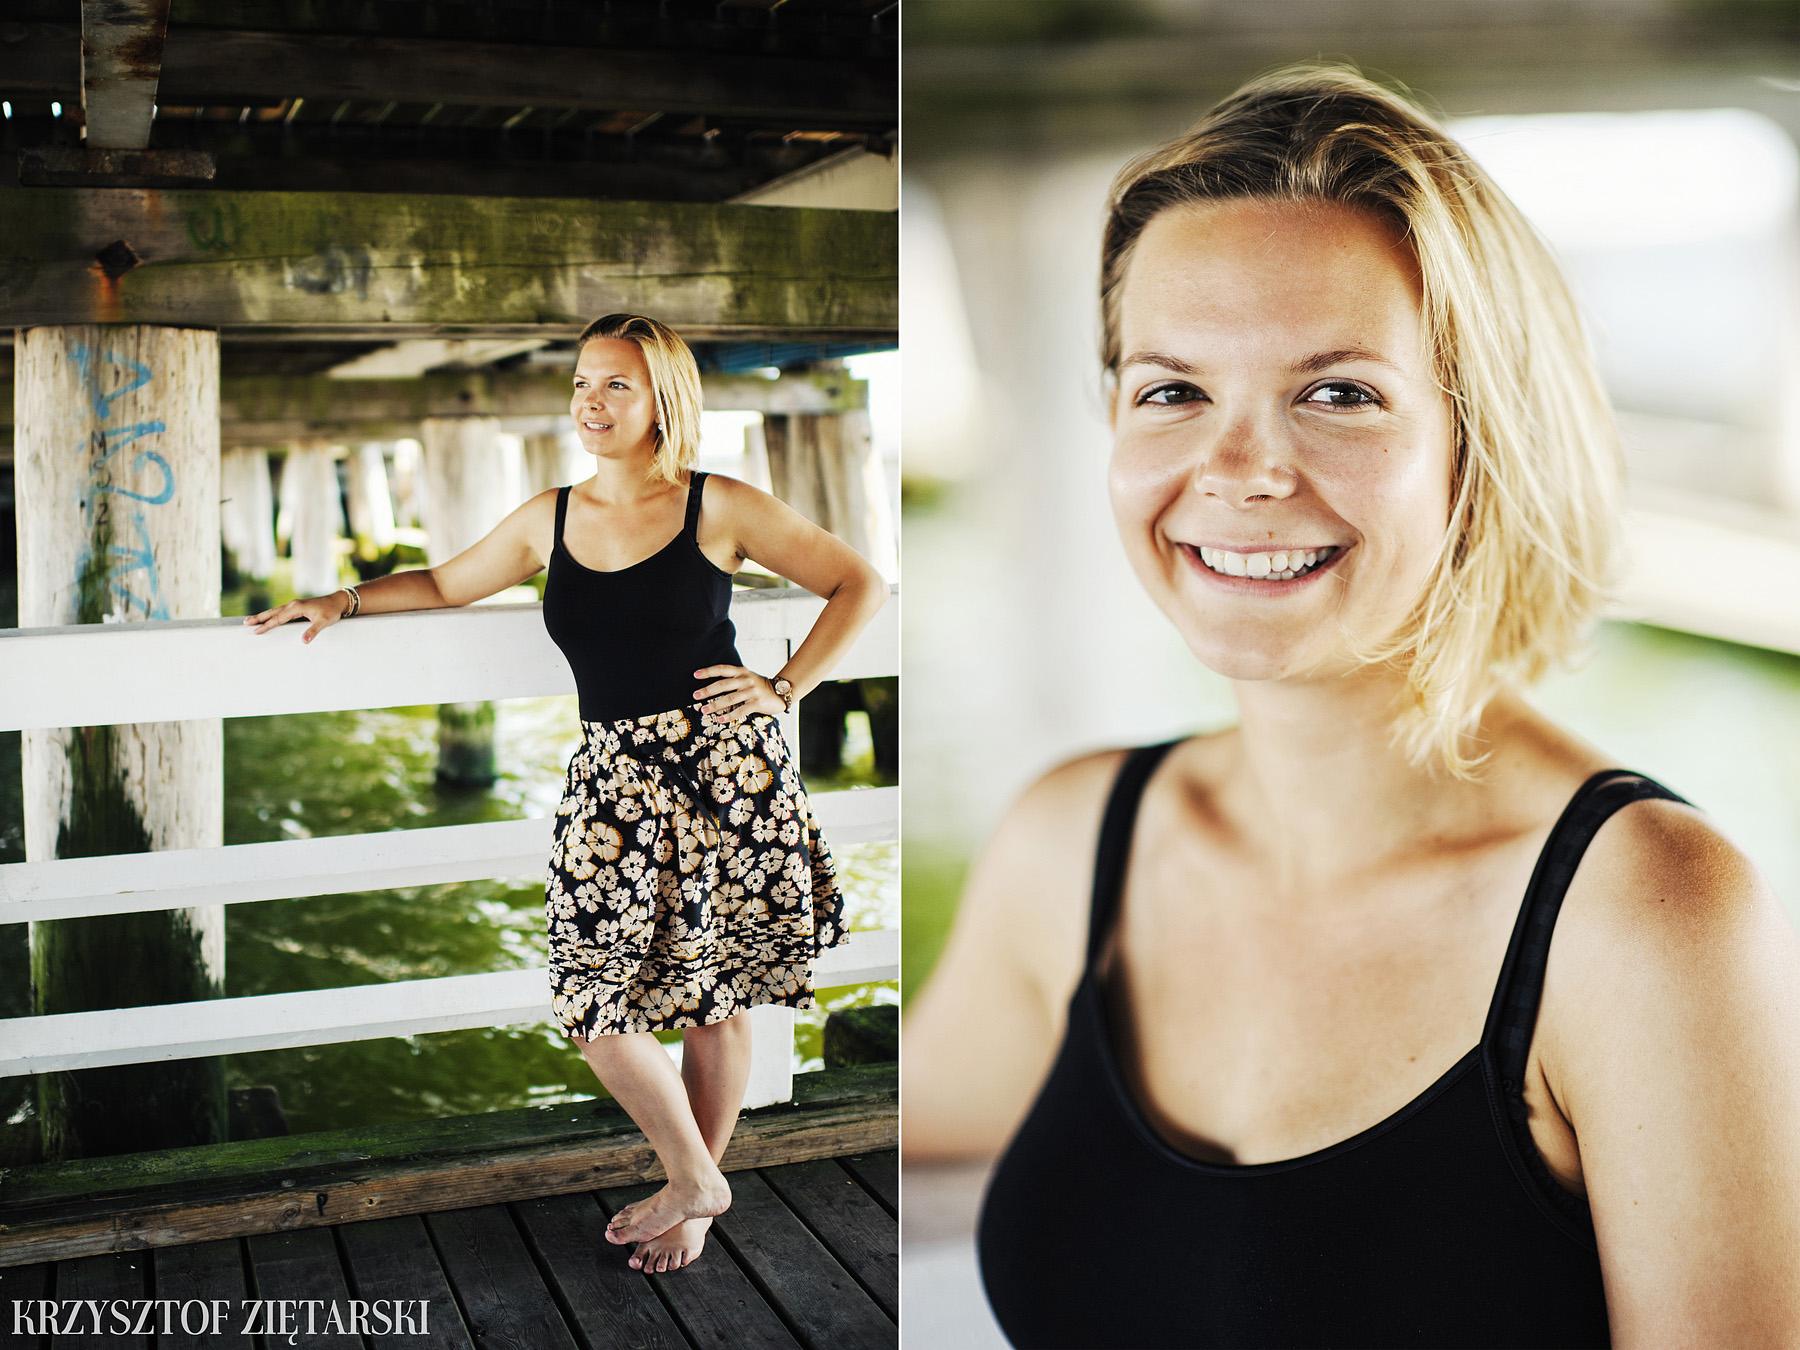 Ania i Mikkel - sesja fotograficzna na rocznicę ślubu w Sopocie, prezent na rocznicę ślubu - 14.